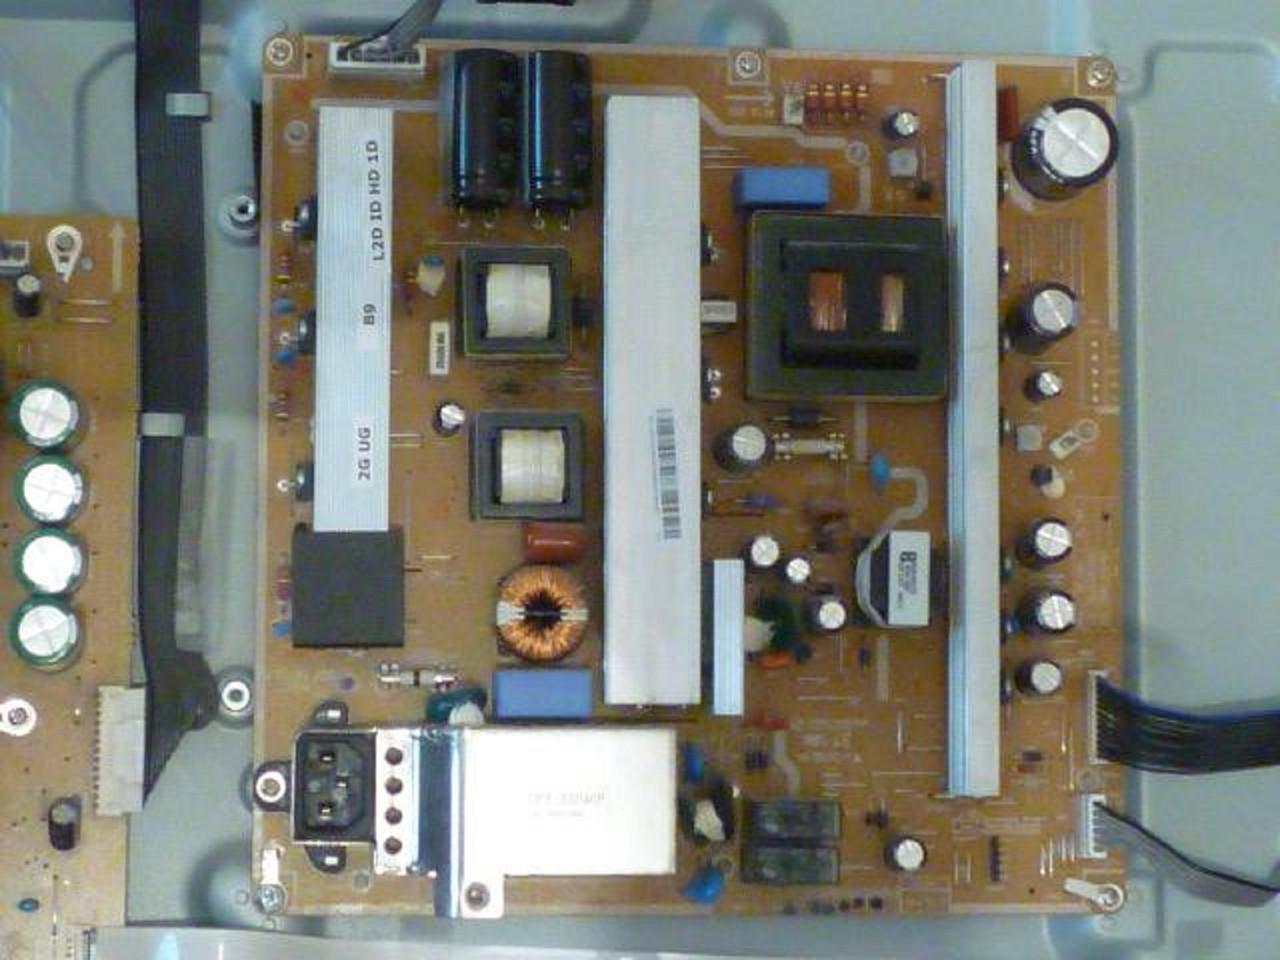 Блок живлення BN44-00330B Rev 1.0 від PDP ТЕЛЕВІЗОР Samsung PS50C530C1W